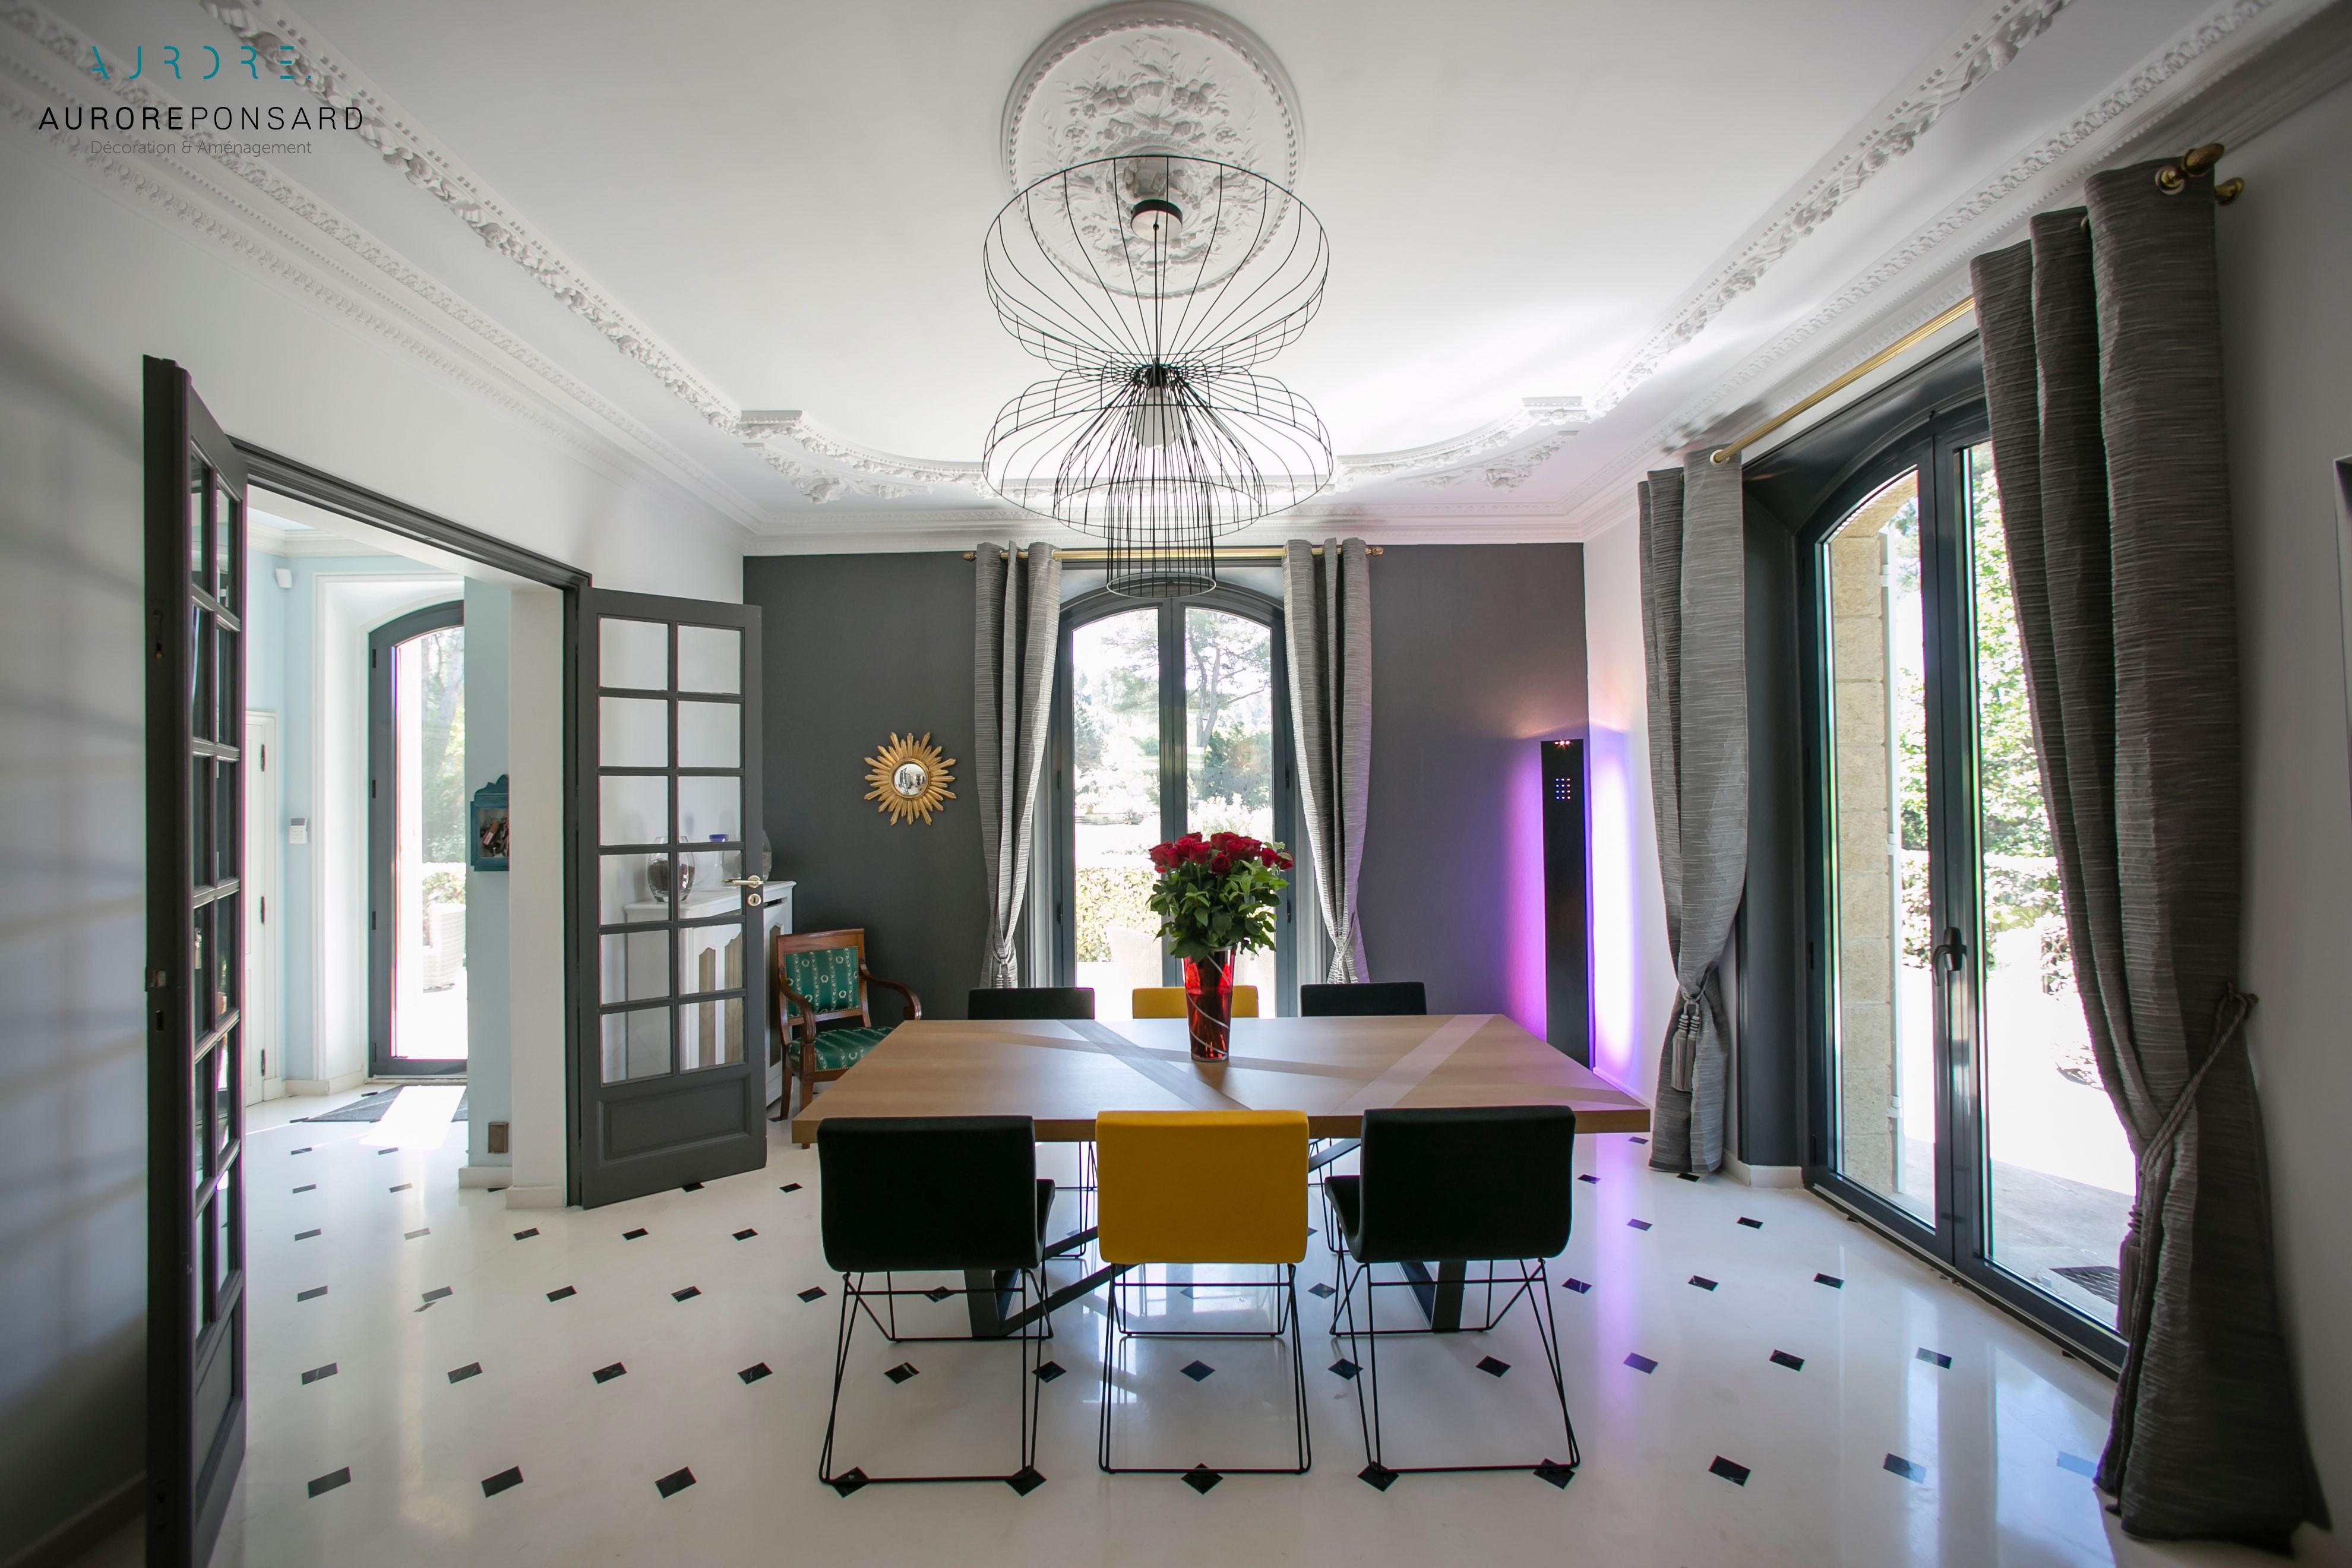 Décoration maison bourgeoise - Design en image